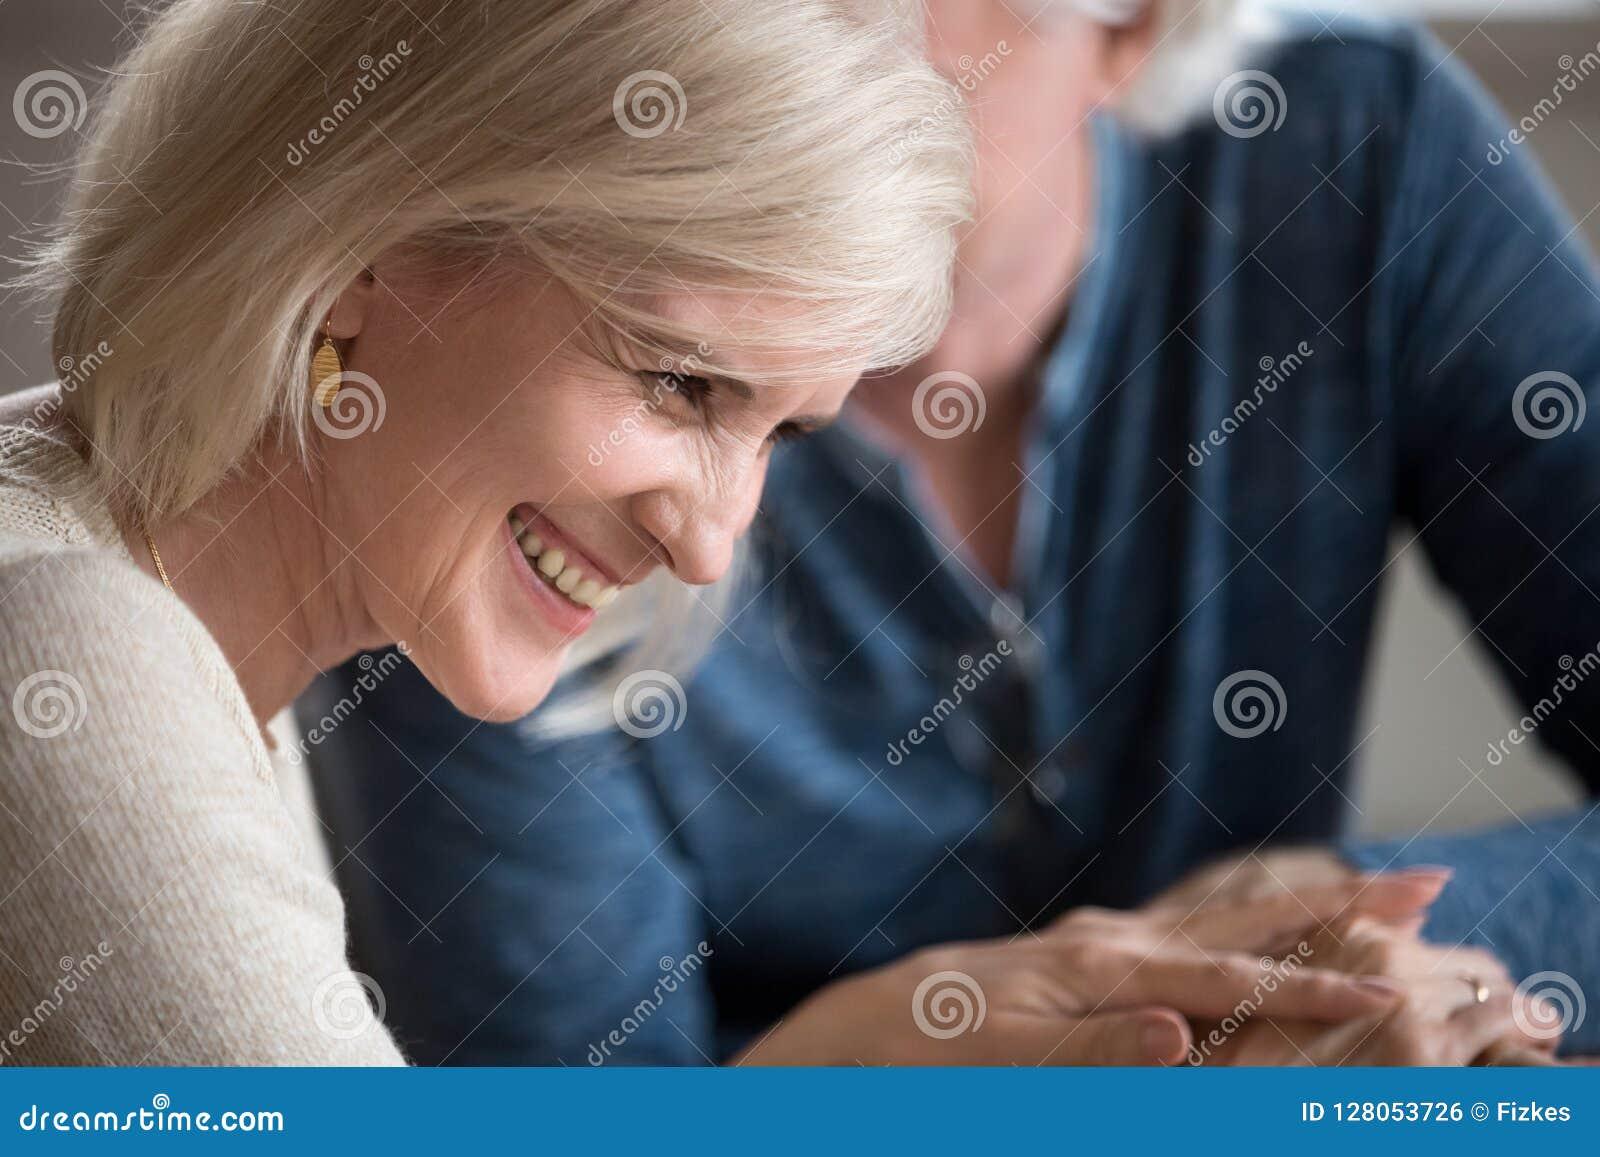 Comment flirter avec un homme plus âgé: 13 étapes